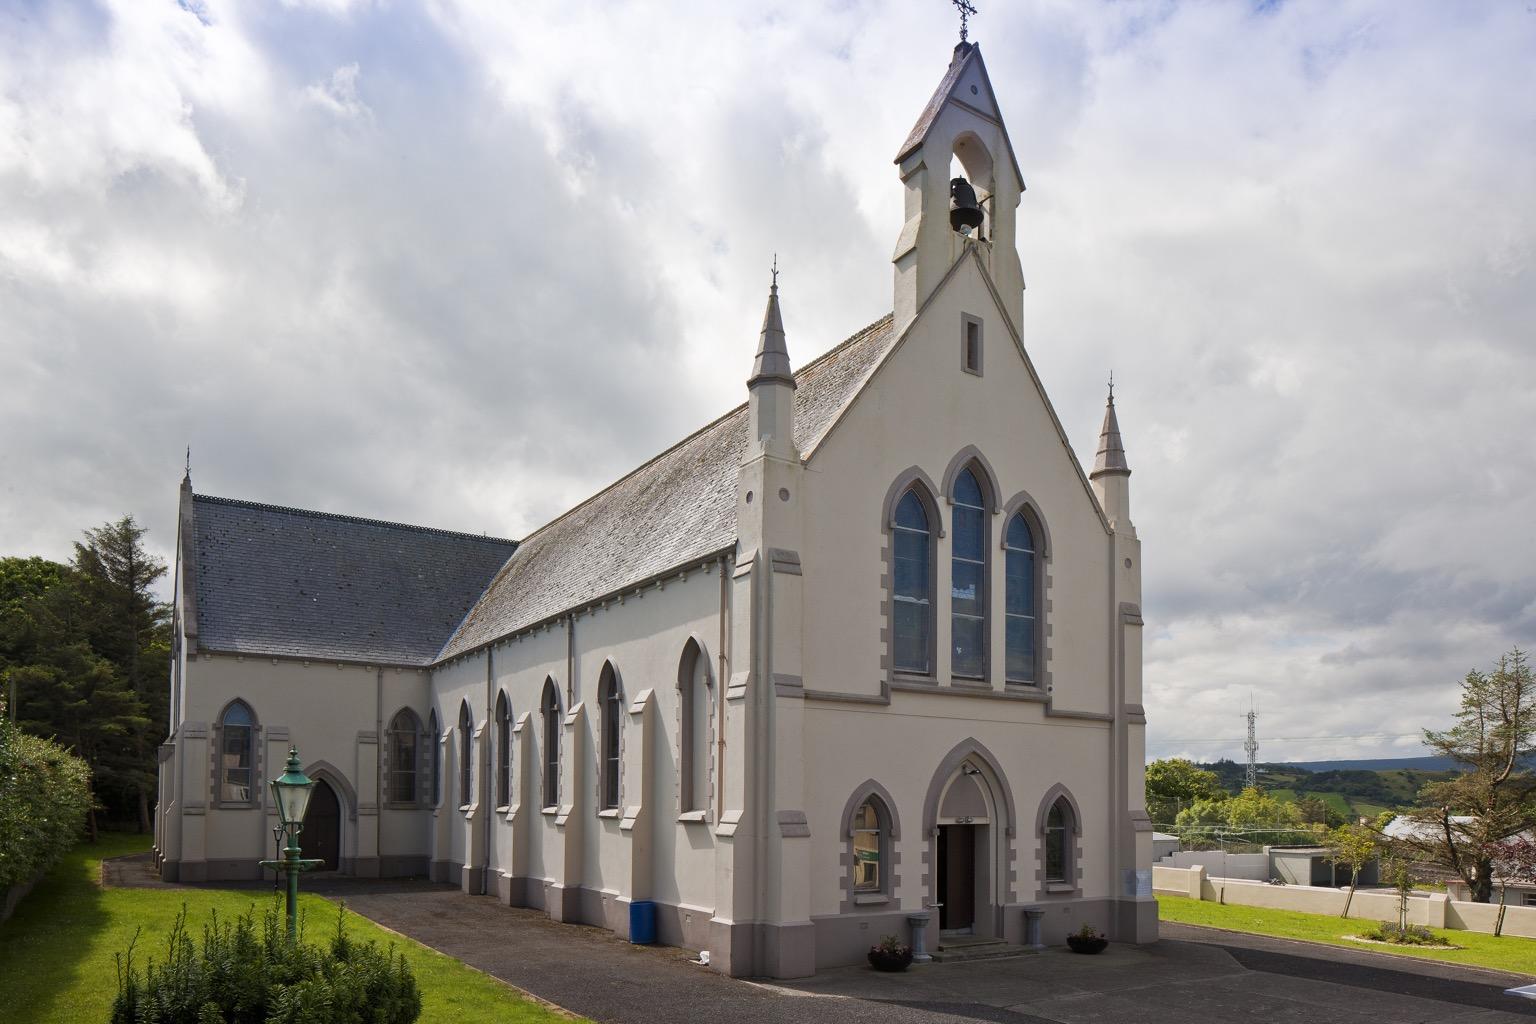 Ballycastle Church